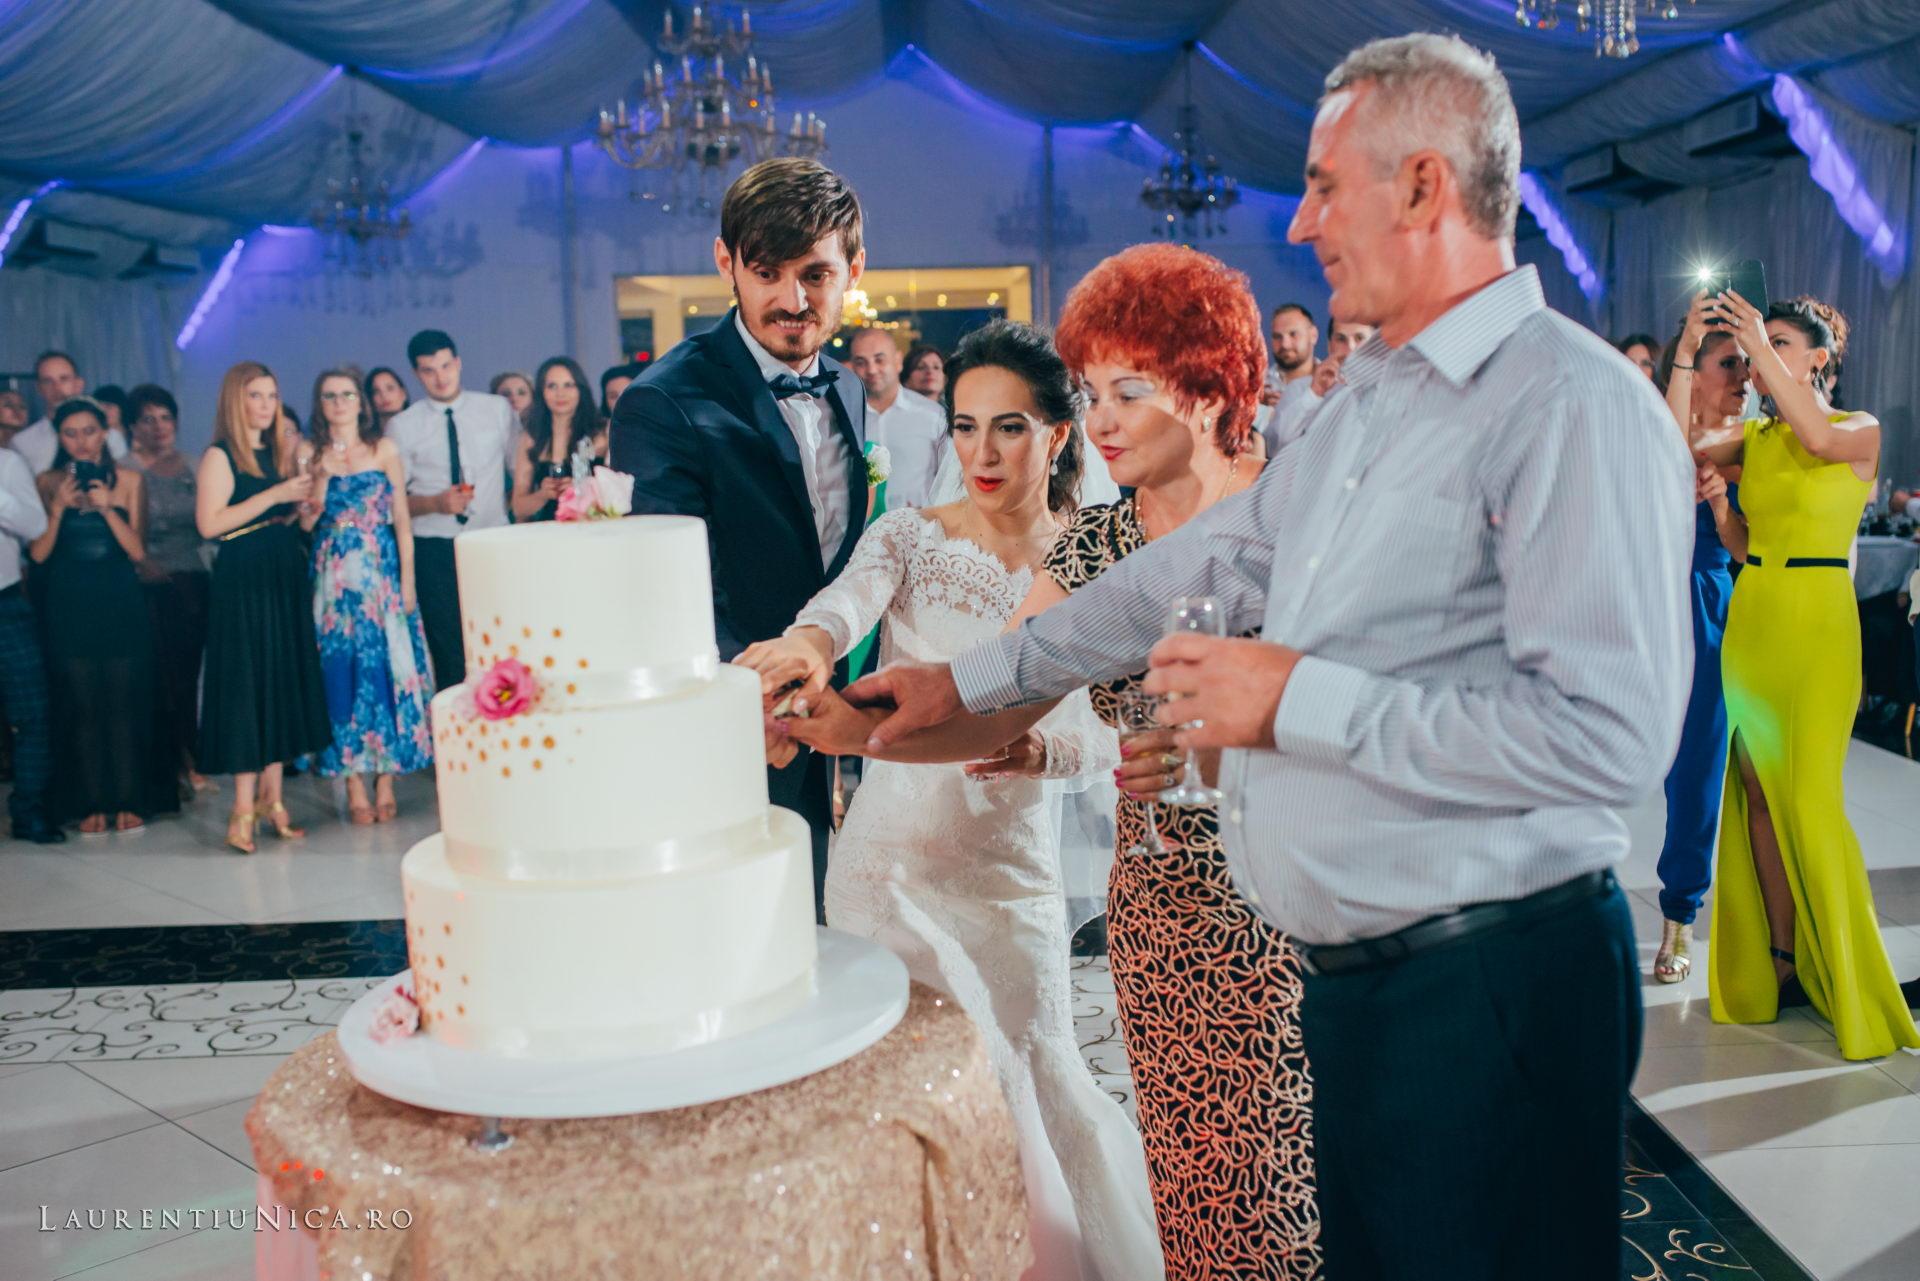 Cristina si Ovidiu nunta Craiova fotograf laurentiu nica 134 - Cristina & Ovidiu | Fotografii nunta | Craiova